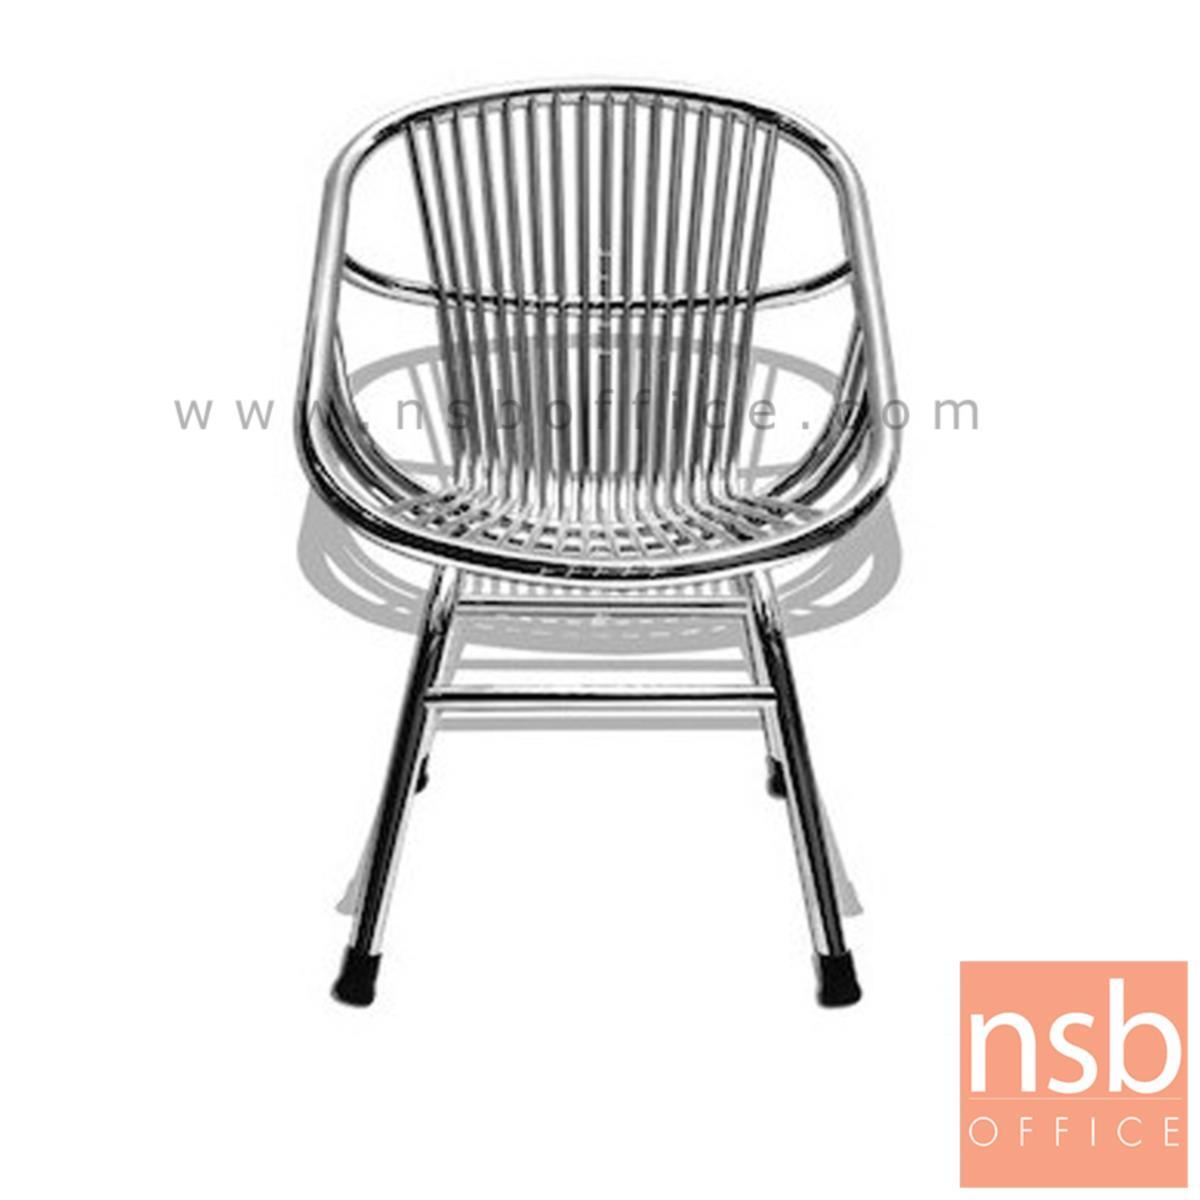 G12A270:เก้าอี้สแตนเลสล้วน รุ่น Ninette (นิลเนตร) ทรงโค้ง